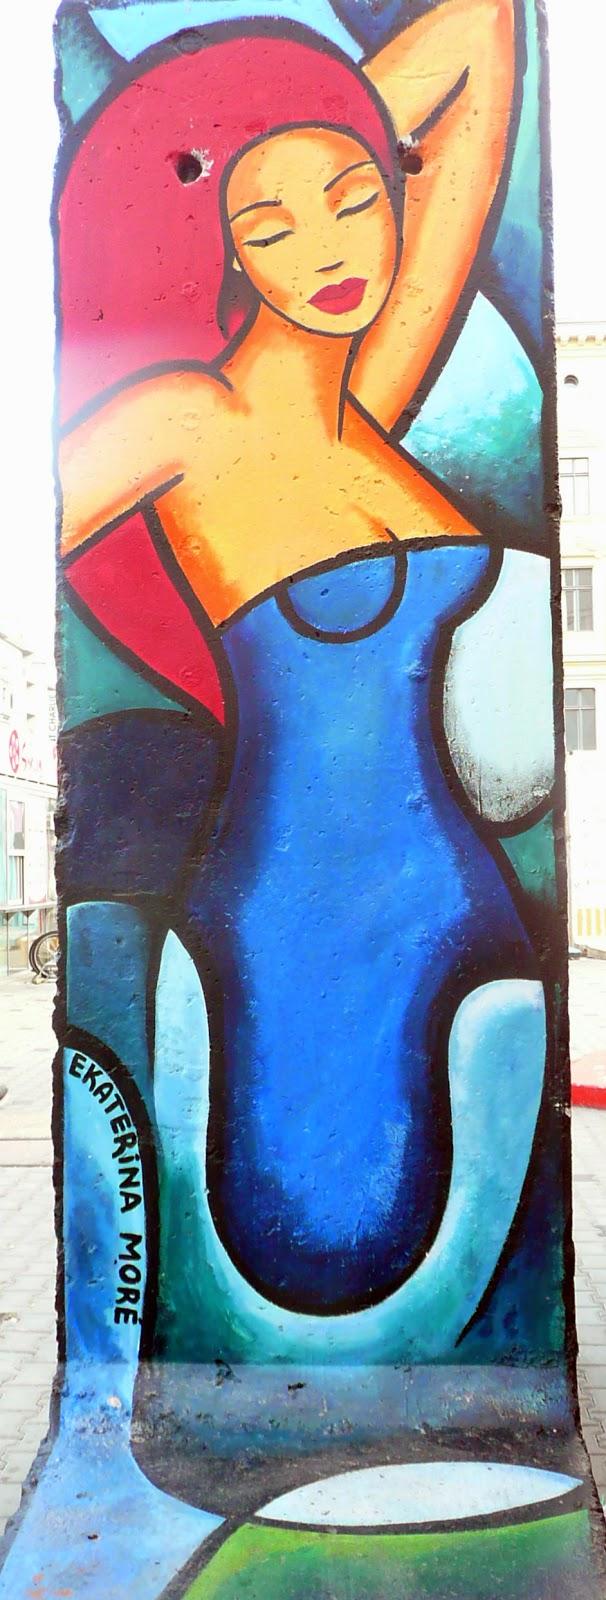 pieza de pop art representando una mujer pelirroja sobre resto del muro de Berlín